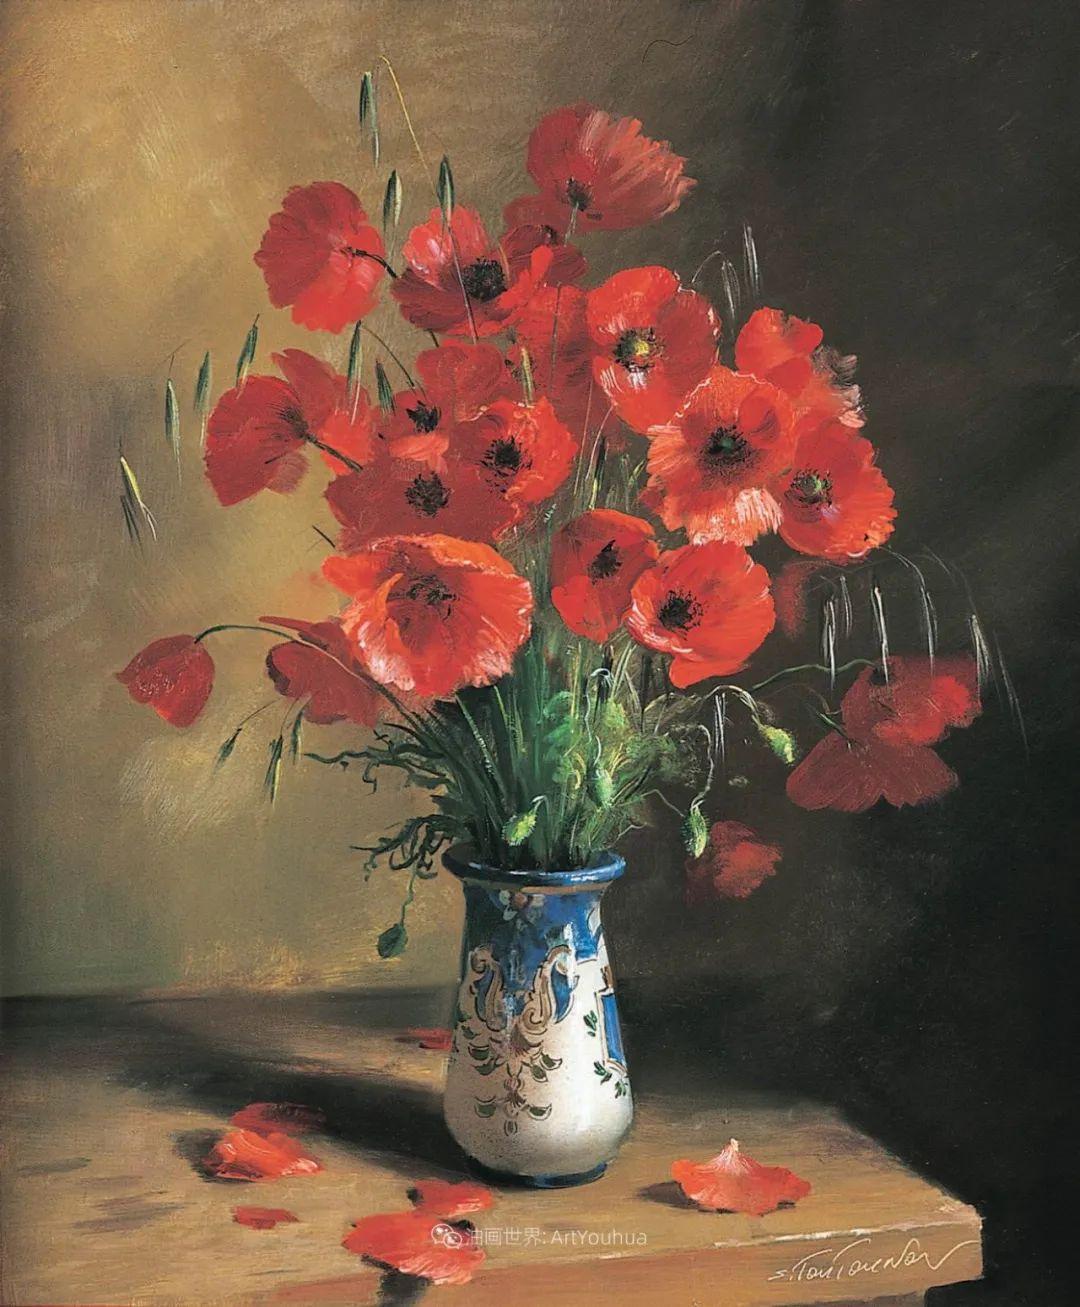 花香袭人,绚丽多彩!俄罗斯画家谢尔盖·图图诺夫插图55